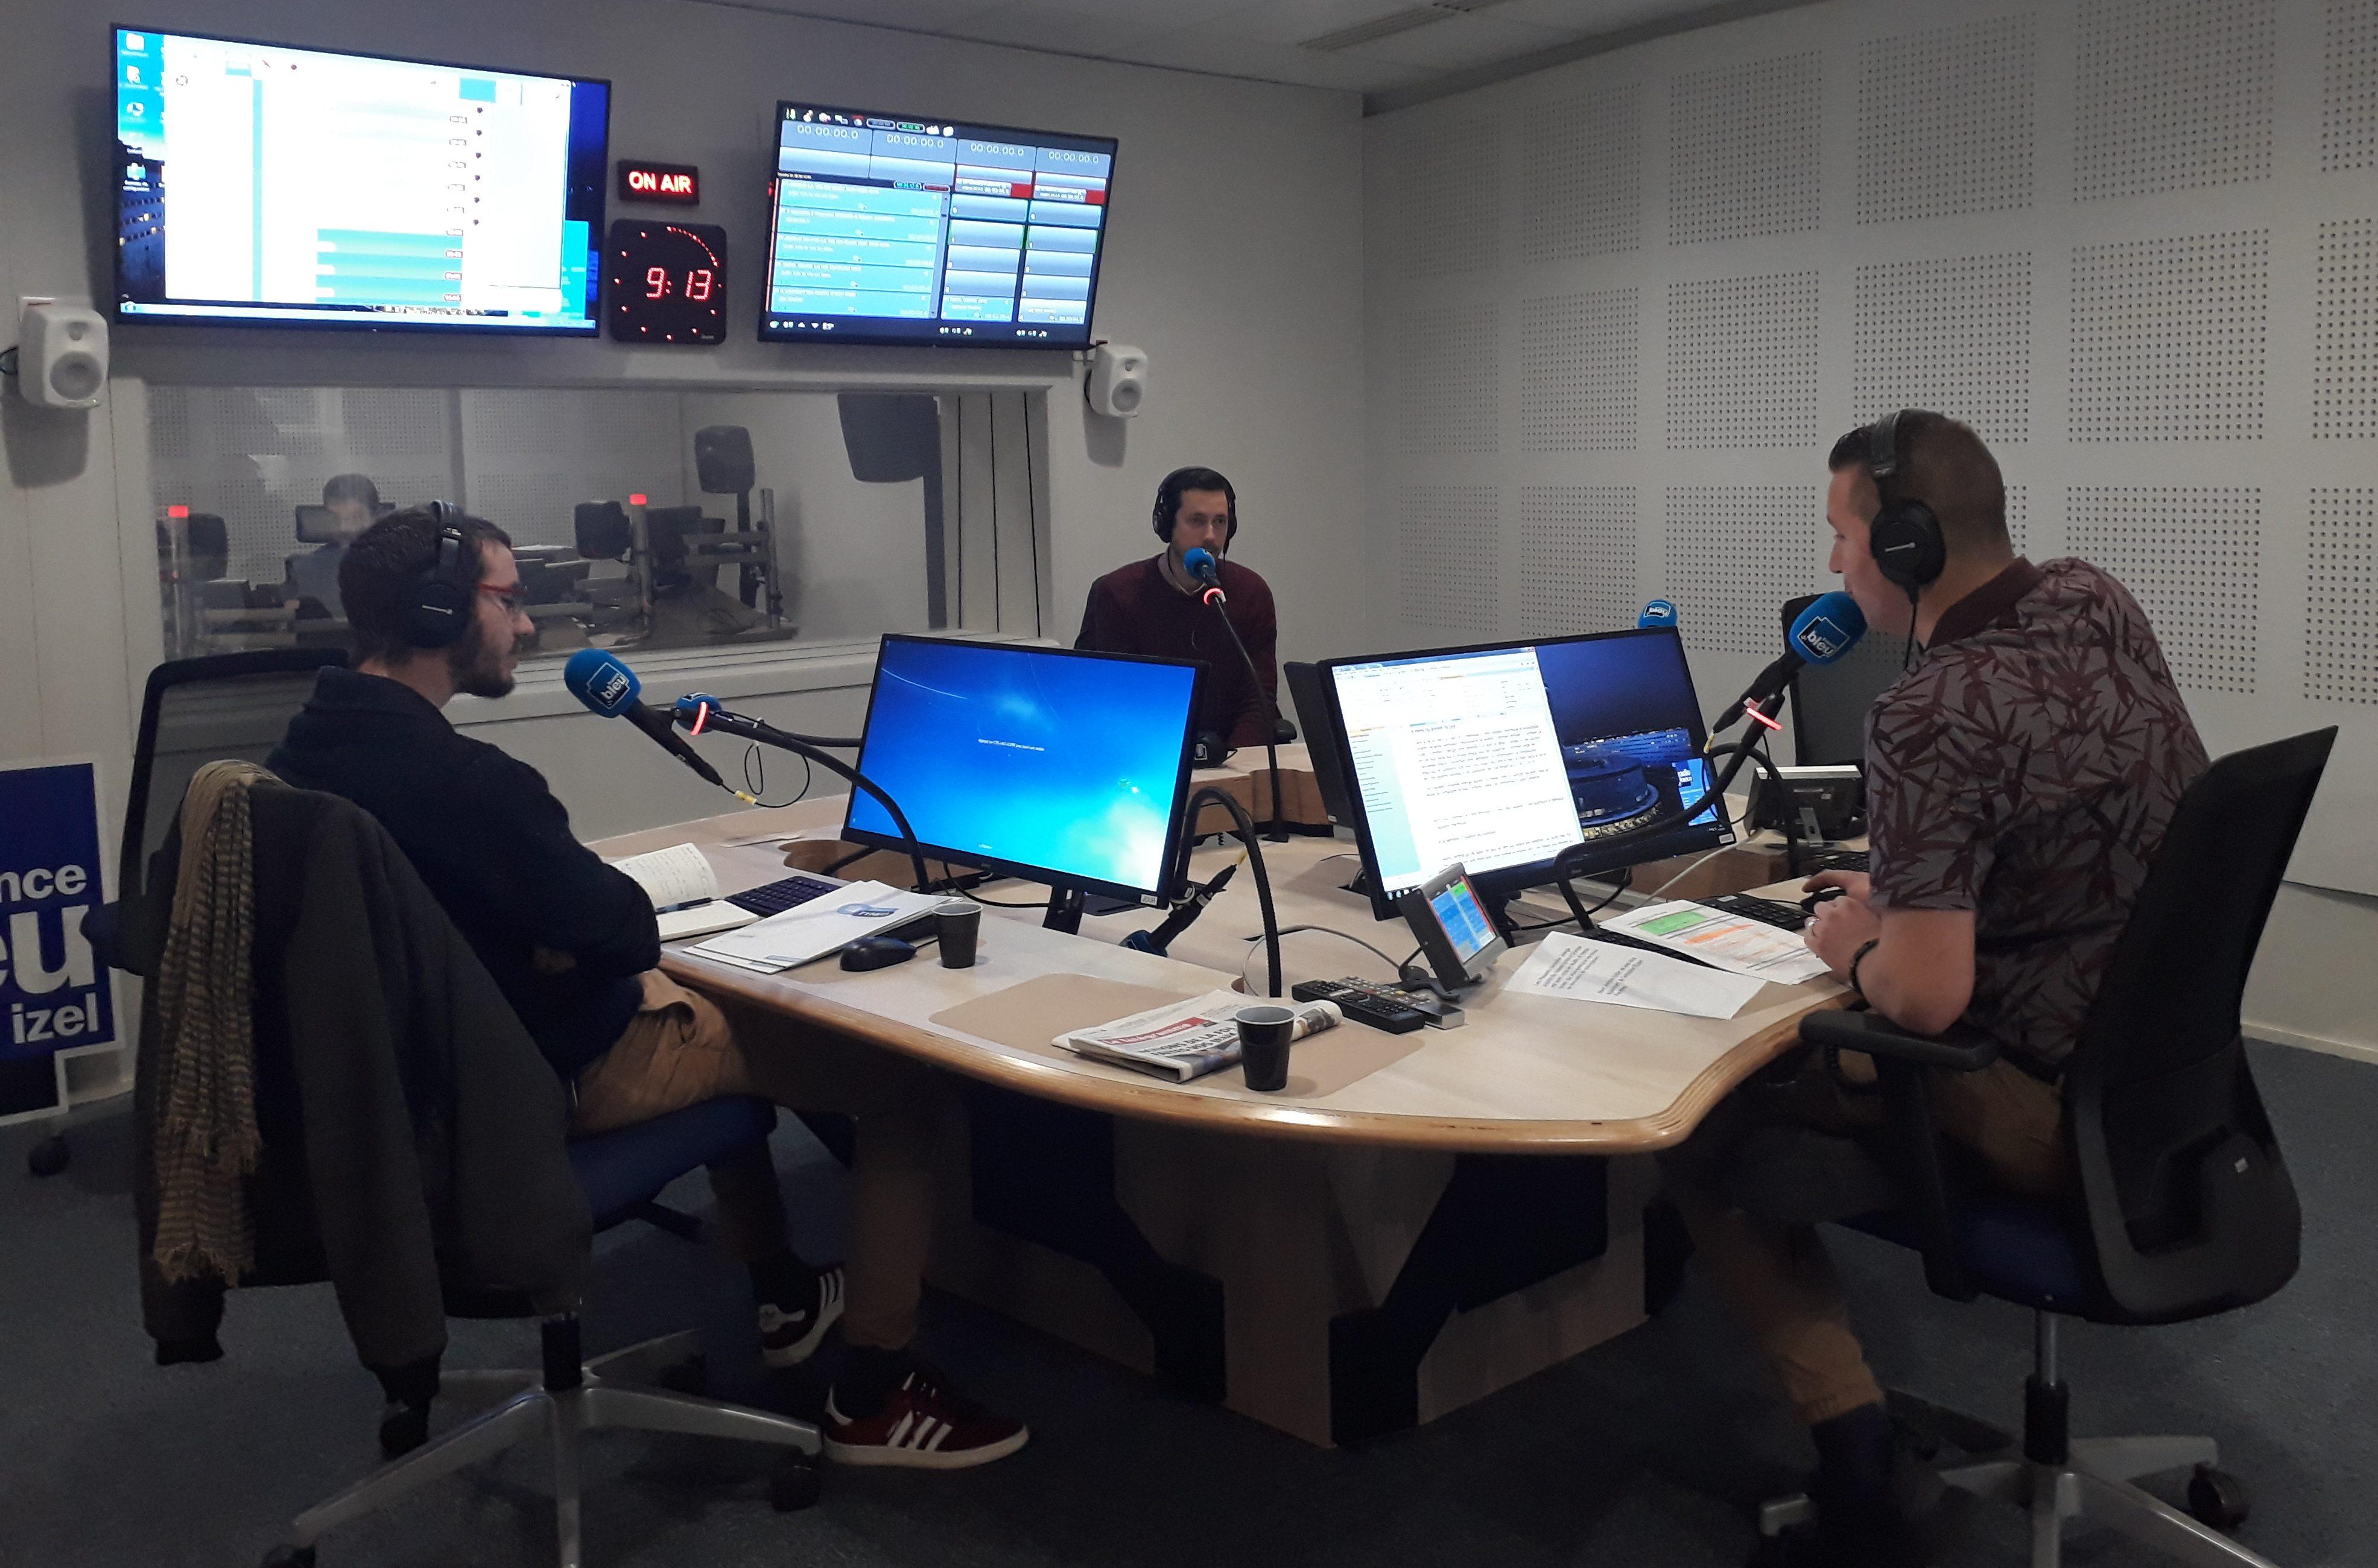 Réseau TYNEO sur France Bleu Breizh Izel : Remplacement des menuiseries et ventilation le 5/11/2019